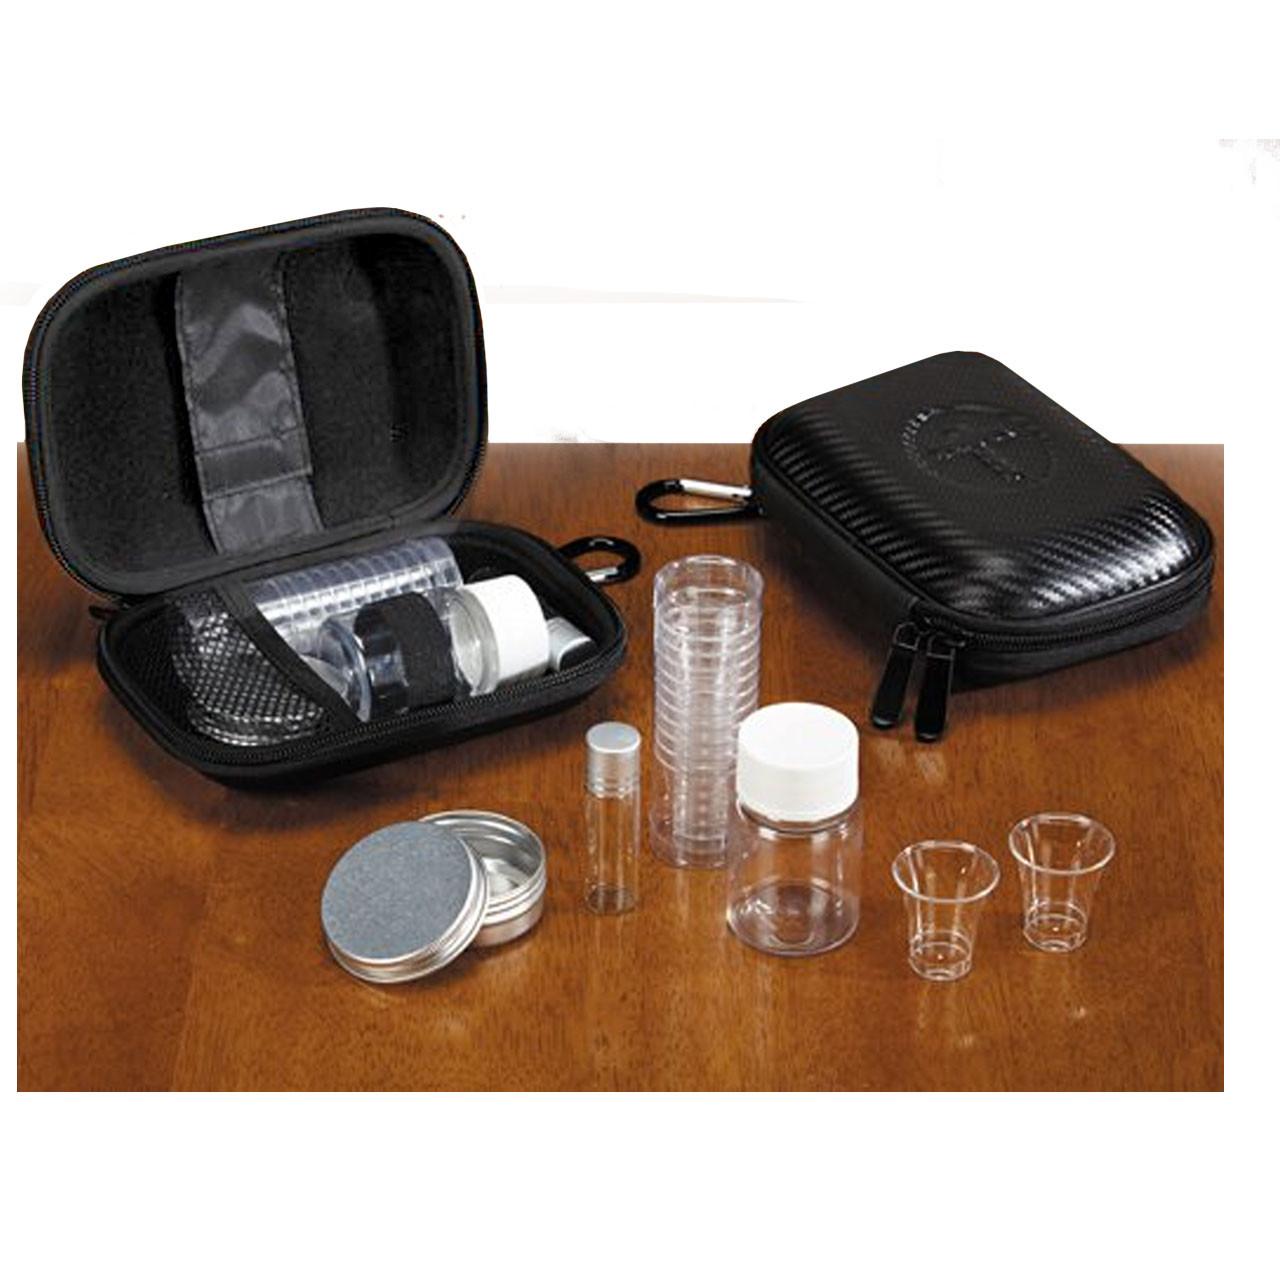 WC617 Portable Communion Set w/ Vinyl Case